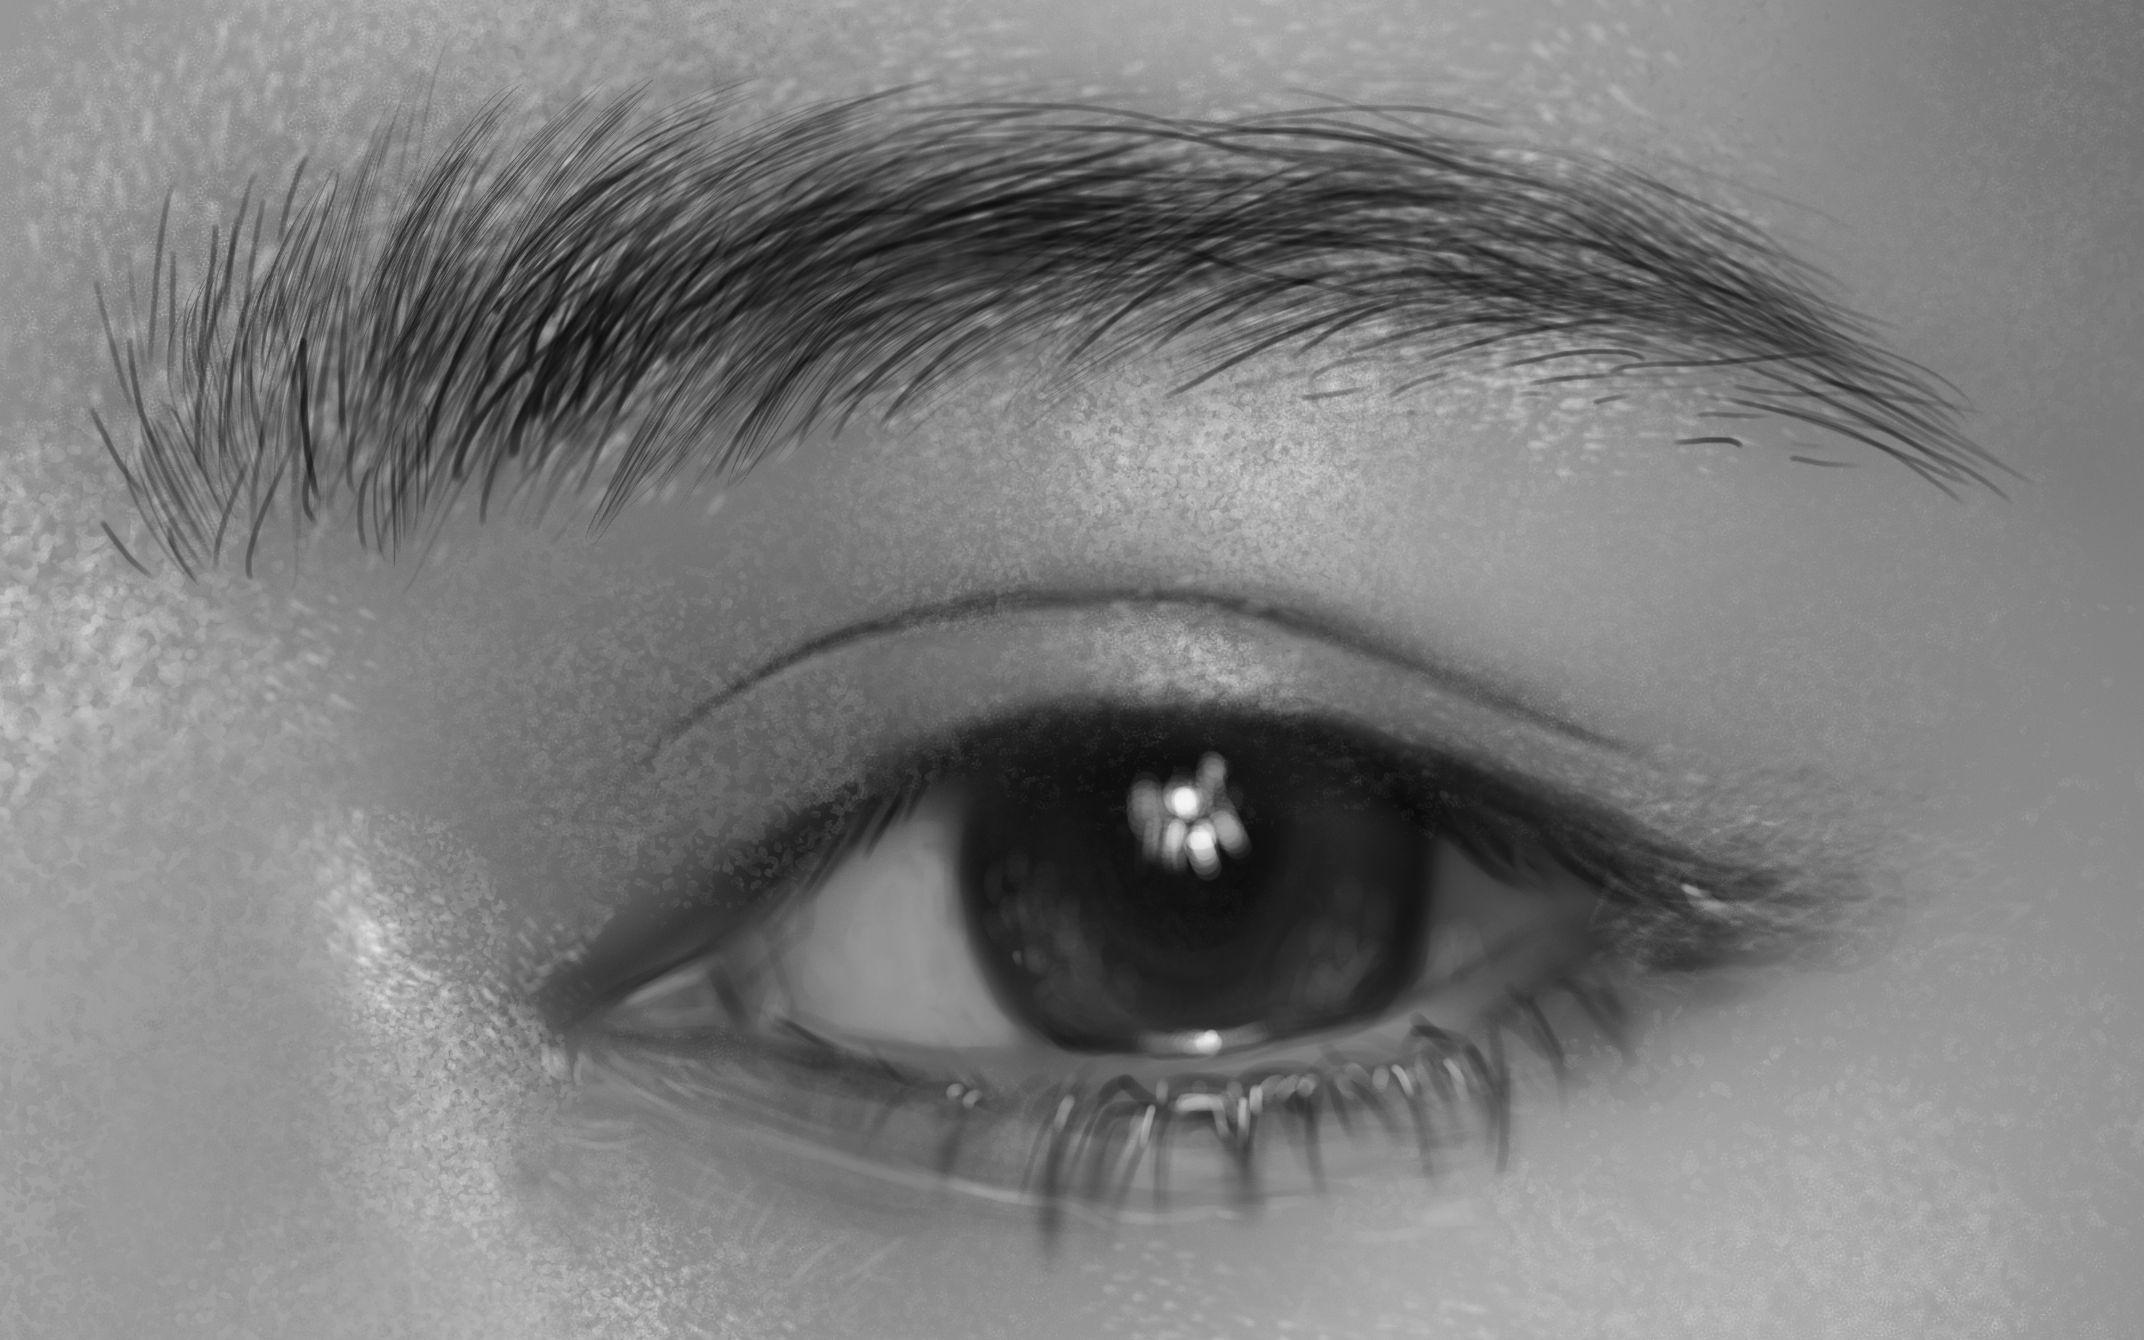 【新手必看】示范-保姆级厚涂眼睛绘画教程!超详细!超实用!